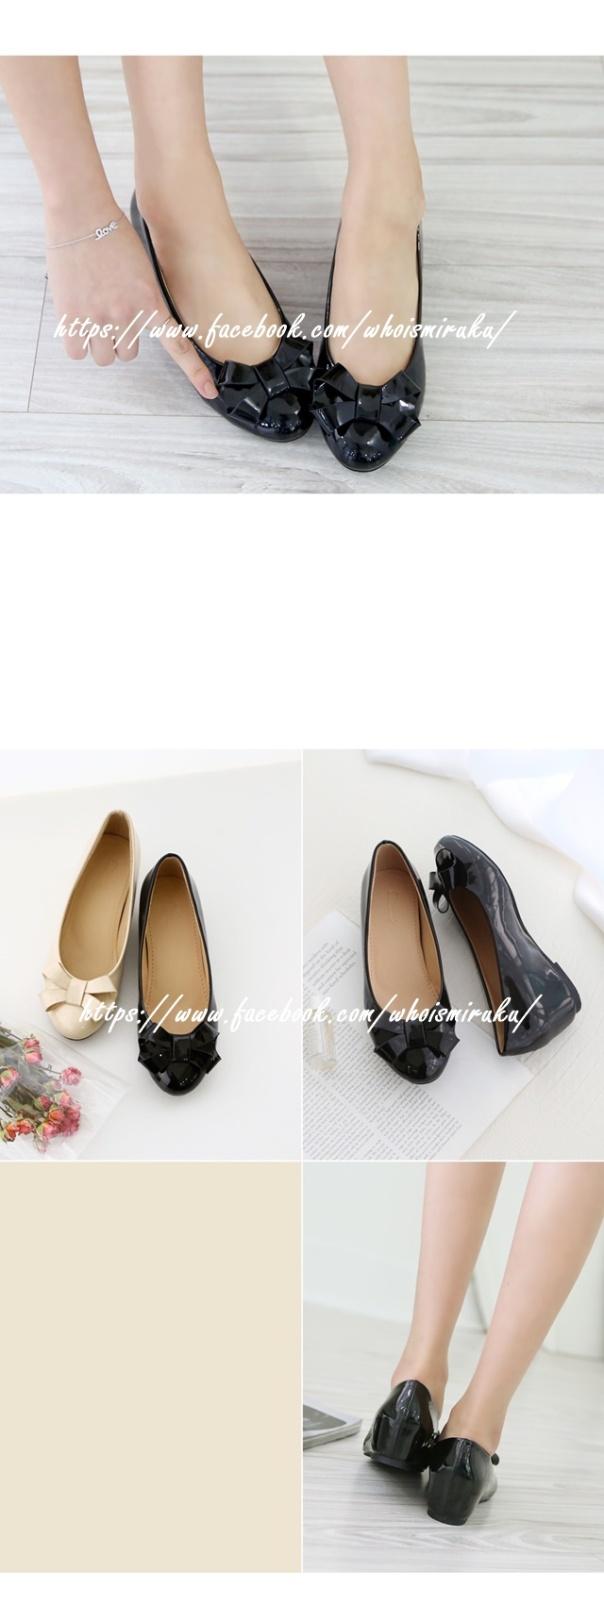 shoes_20160129_08H_03 (1)